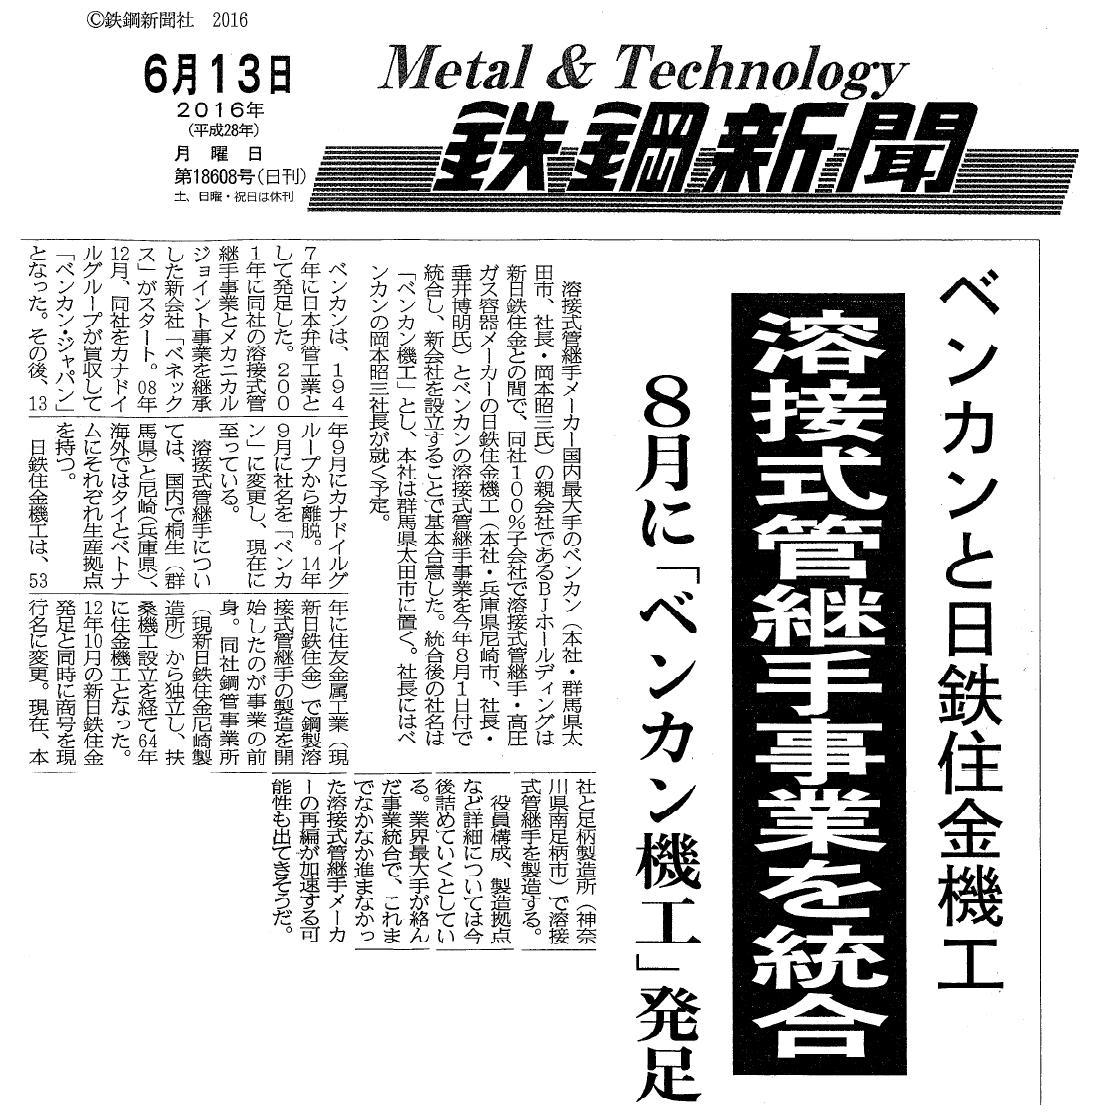 鉄鋼新聞2016.06.13合併